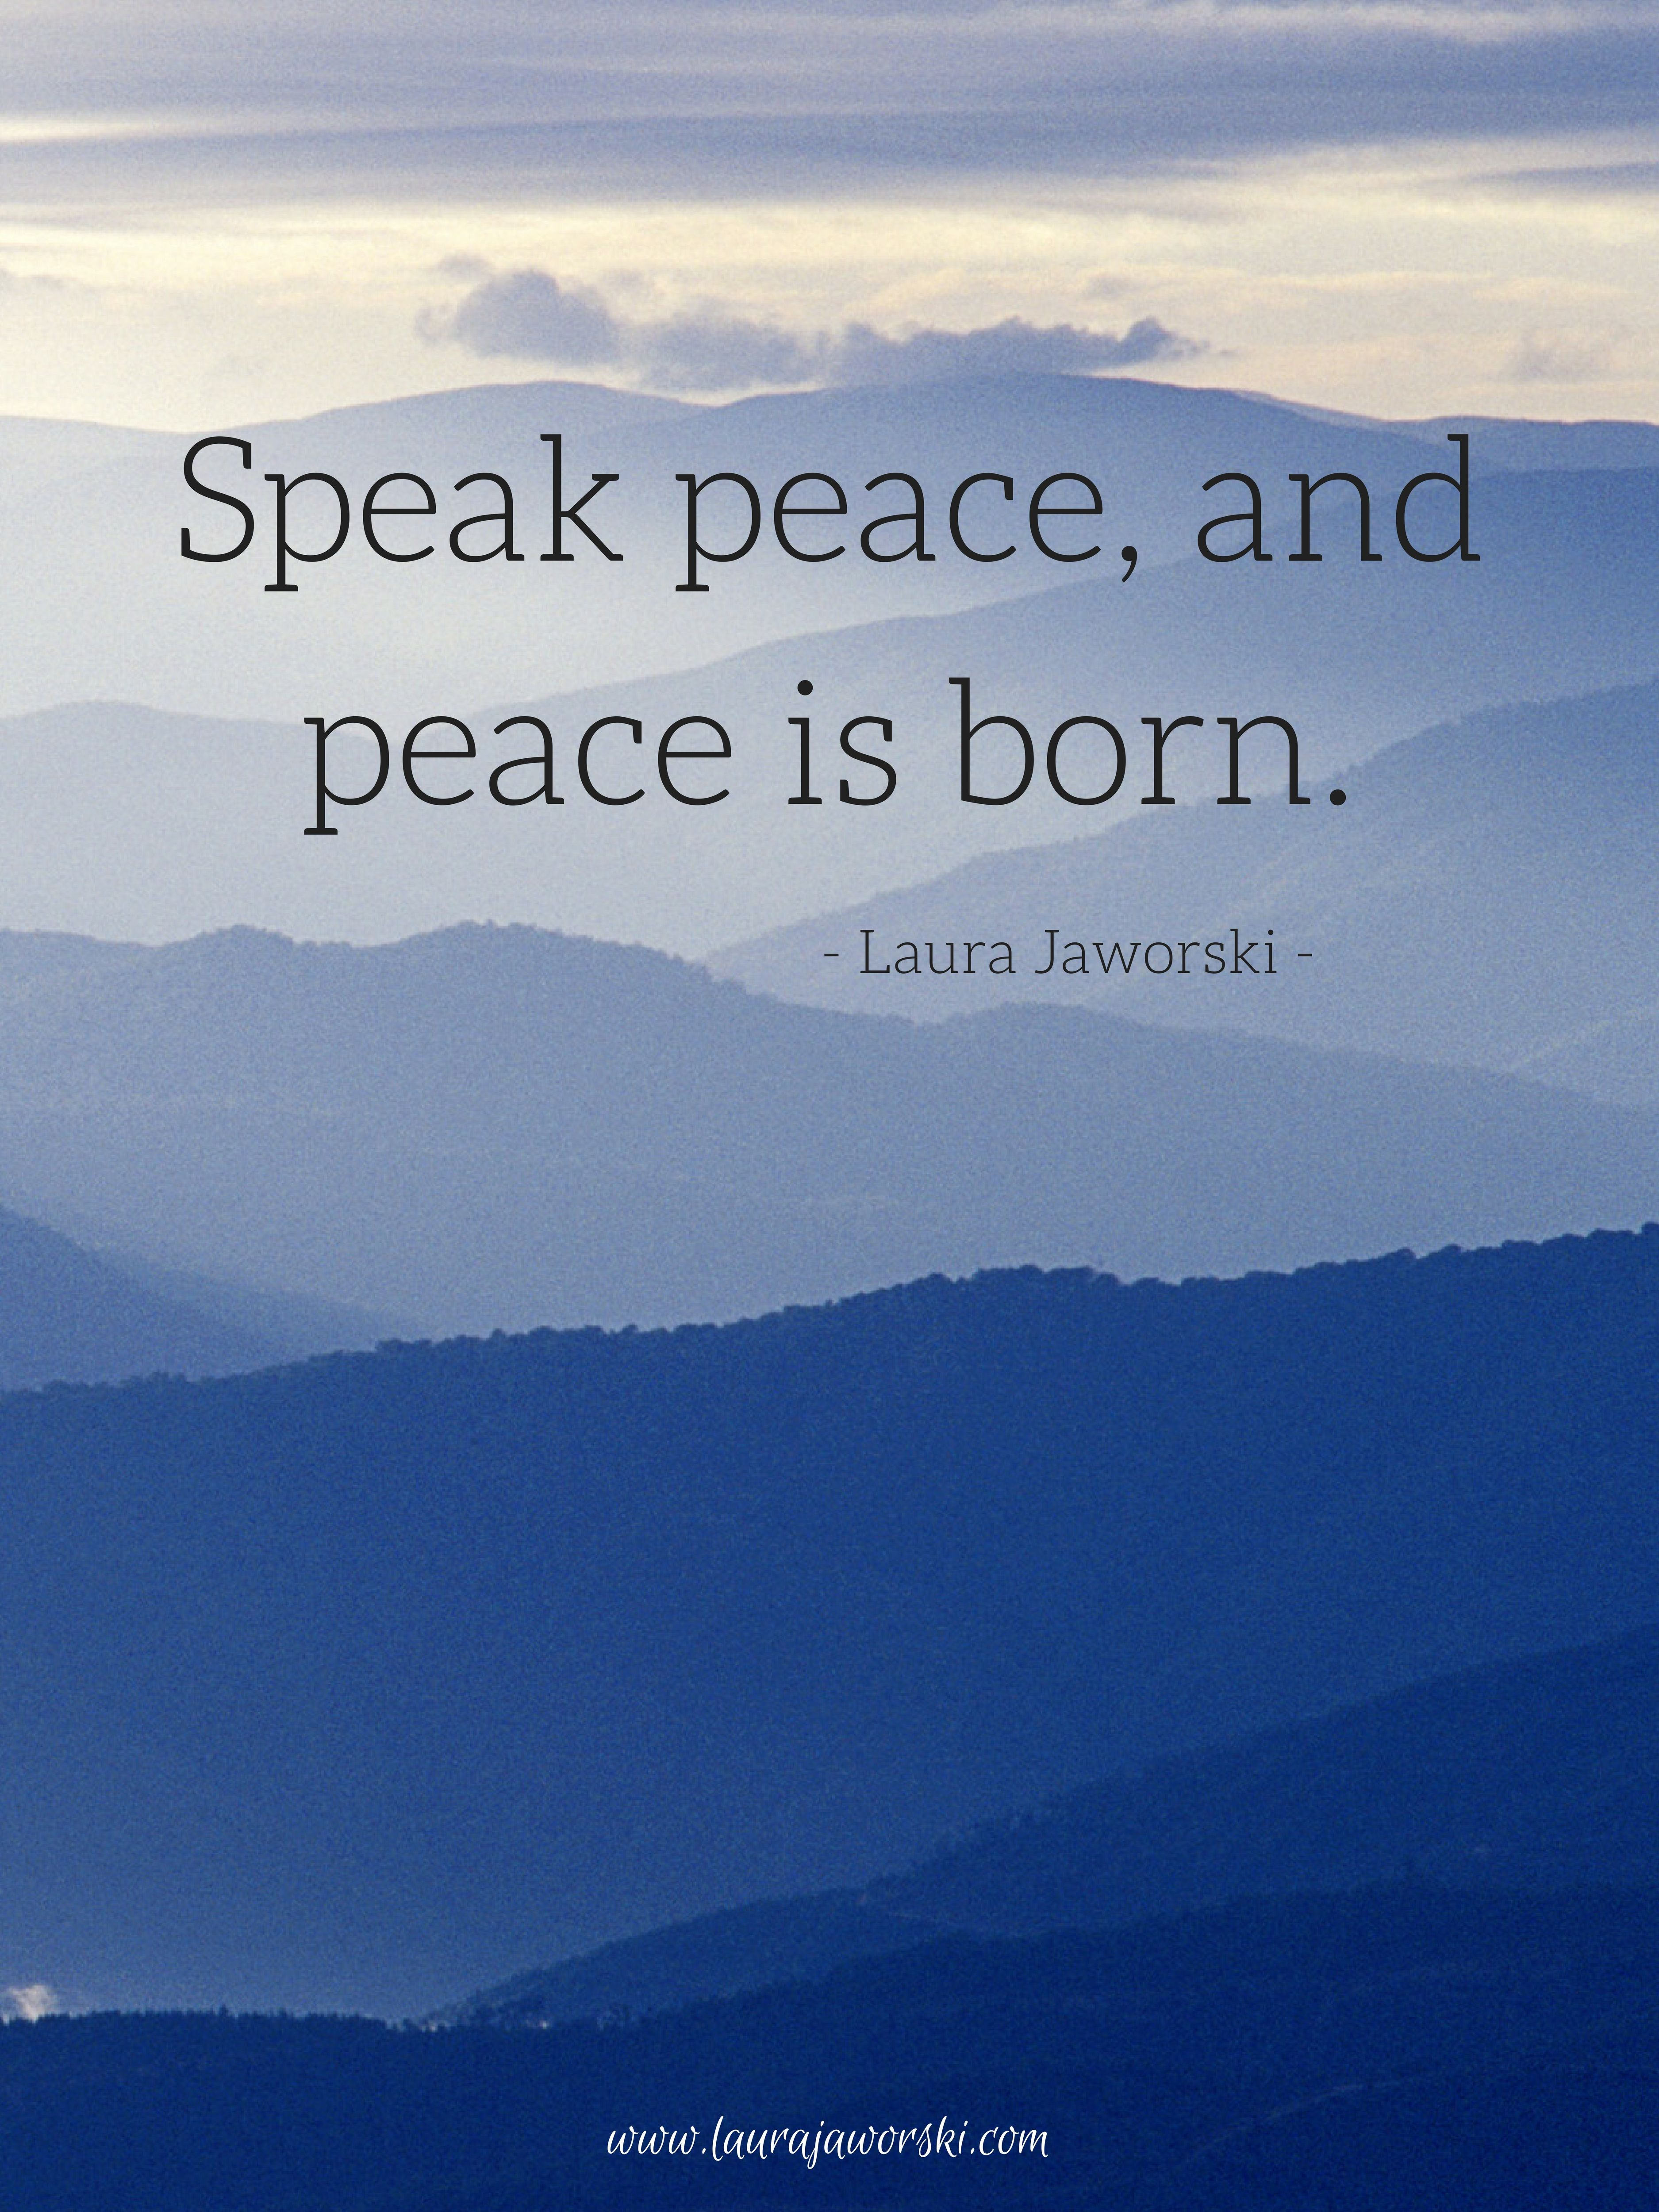 Speak Peace ♥ | www.laurajaworski.com #PeaceQuotes